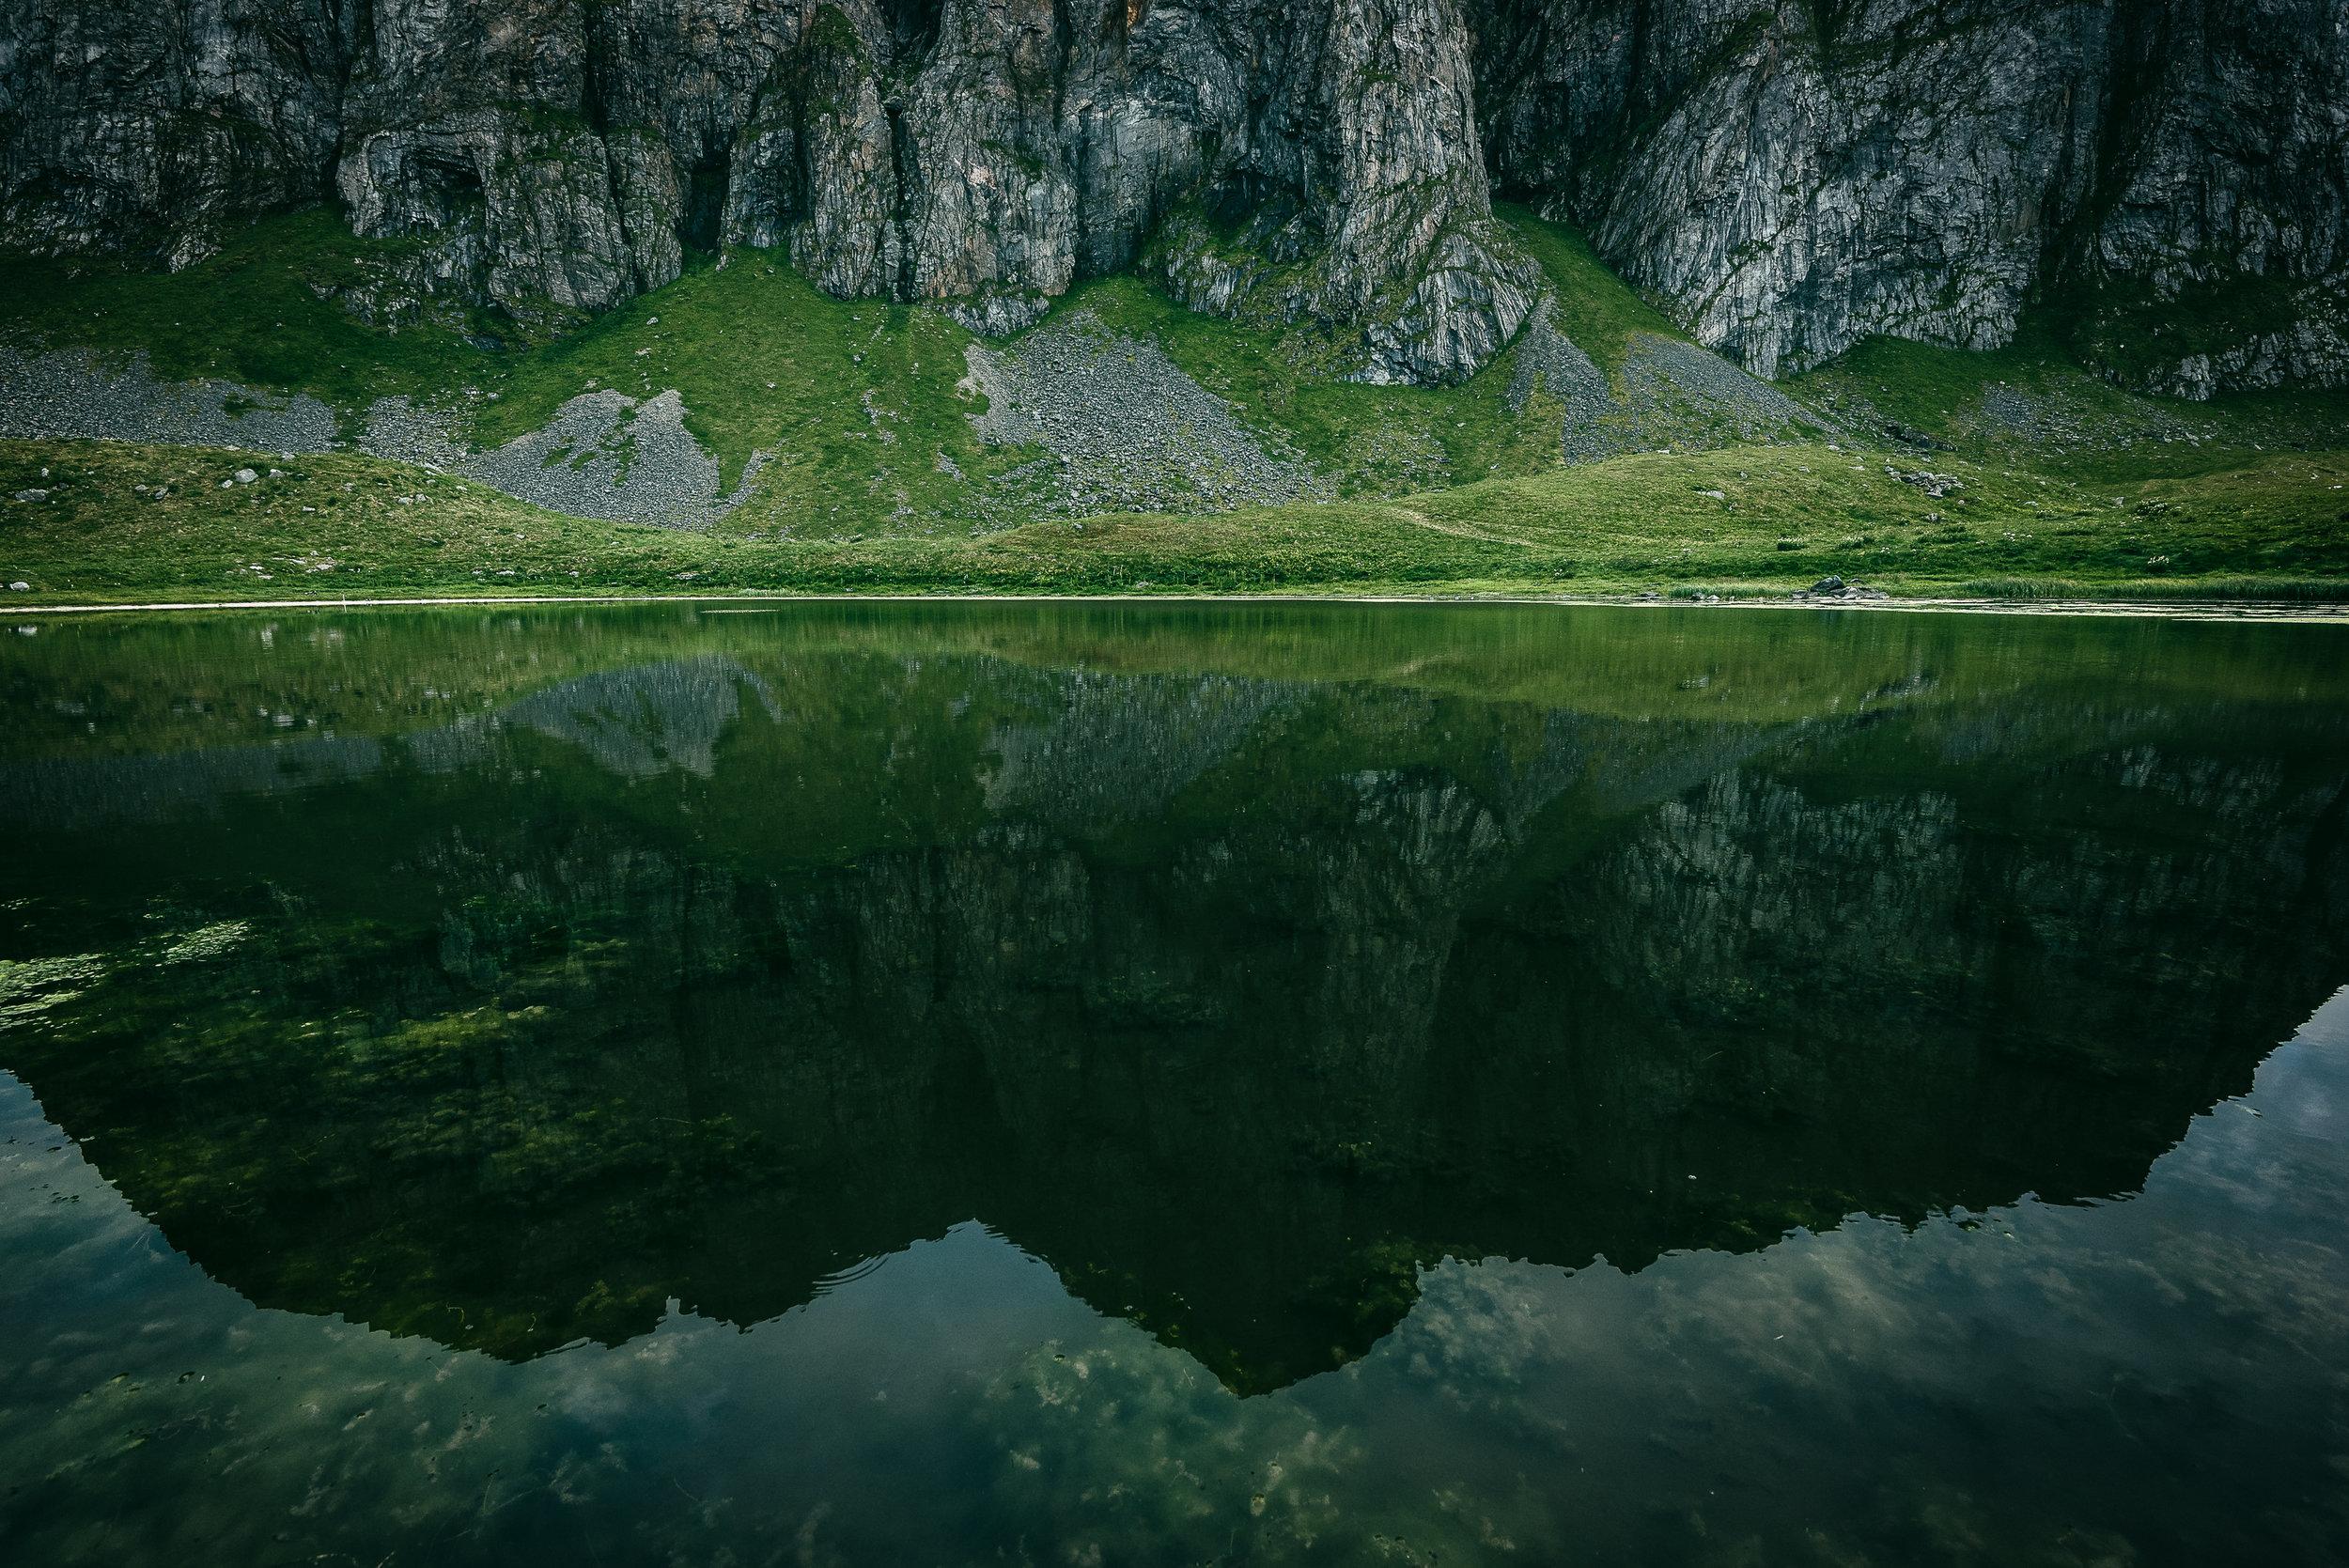 Værøy-Værøy-_DSC3055-Edit-Bjørn Joachimsen-©Bjørn Joachimsen.jpg